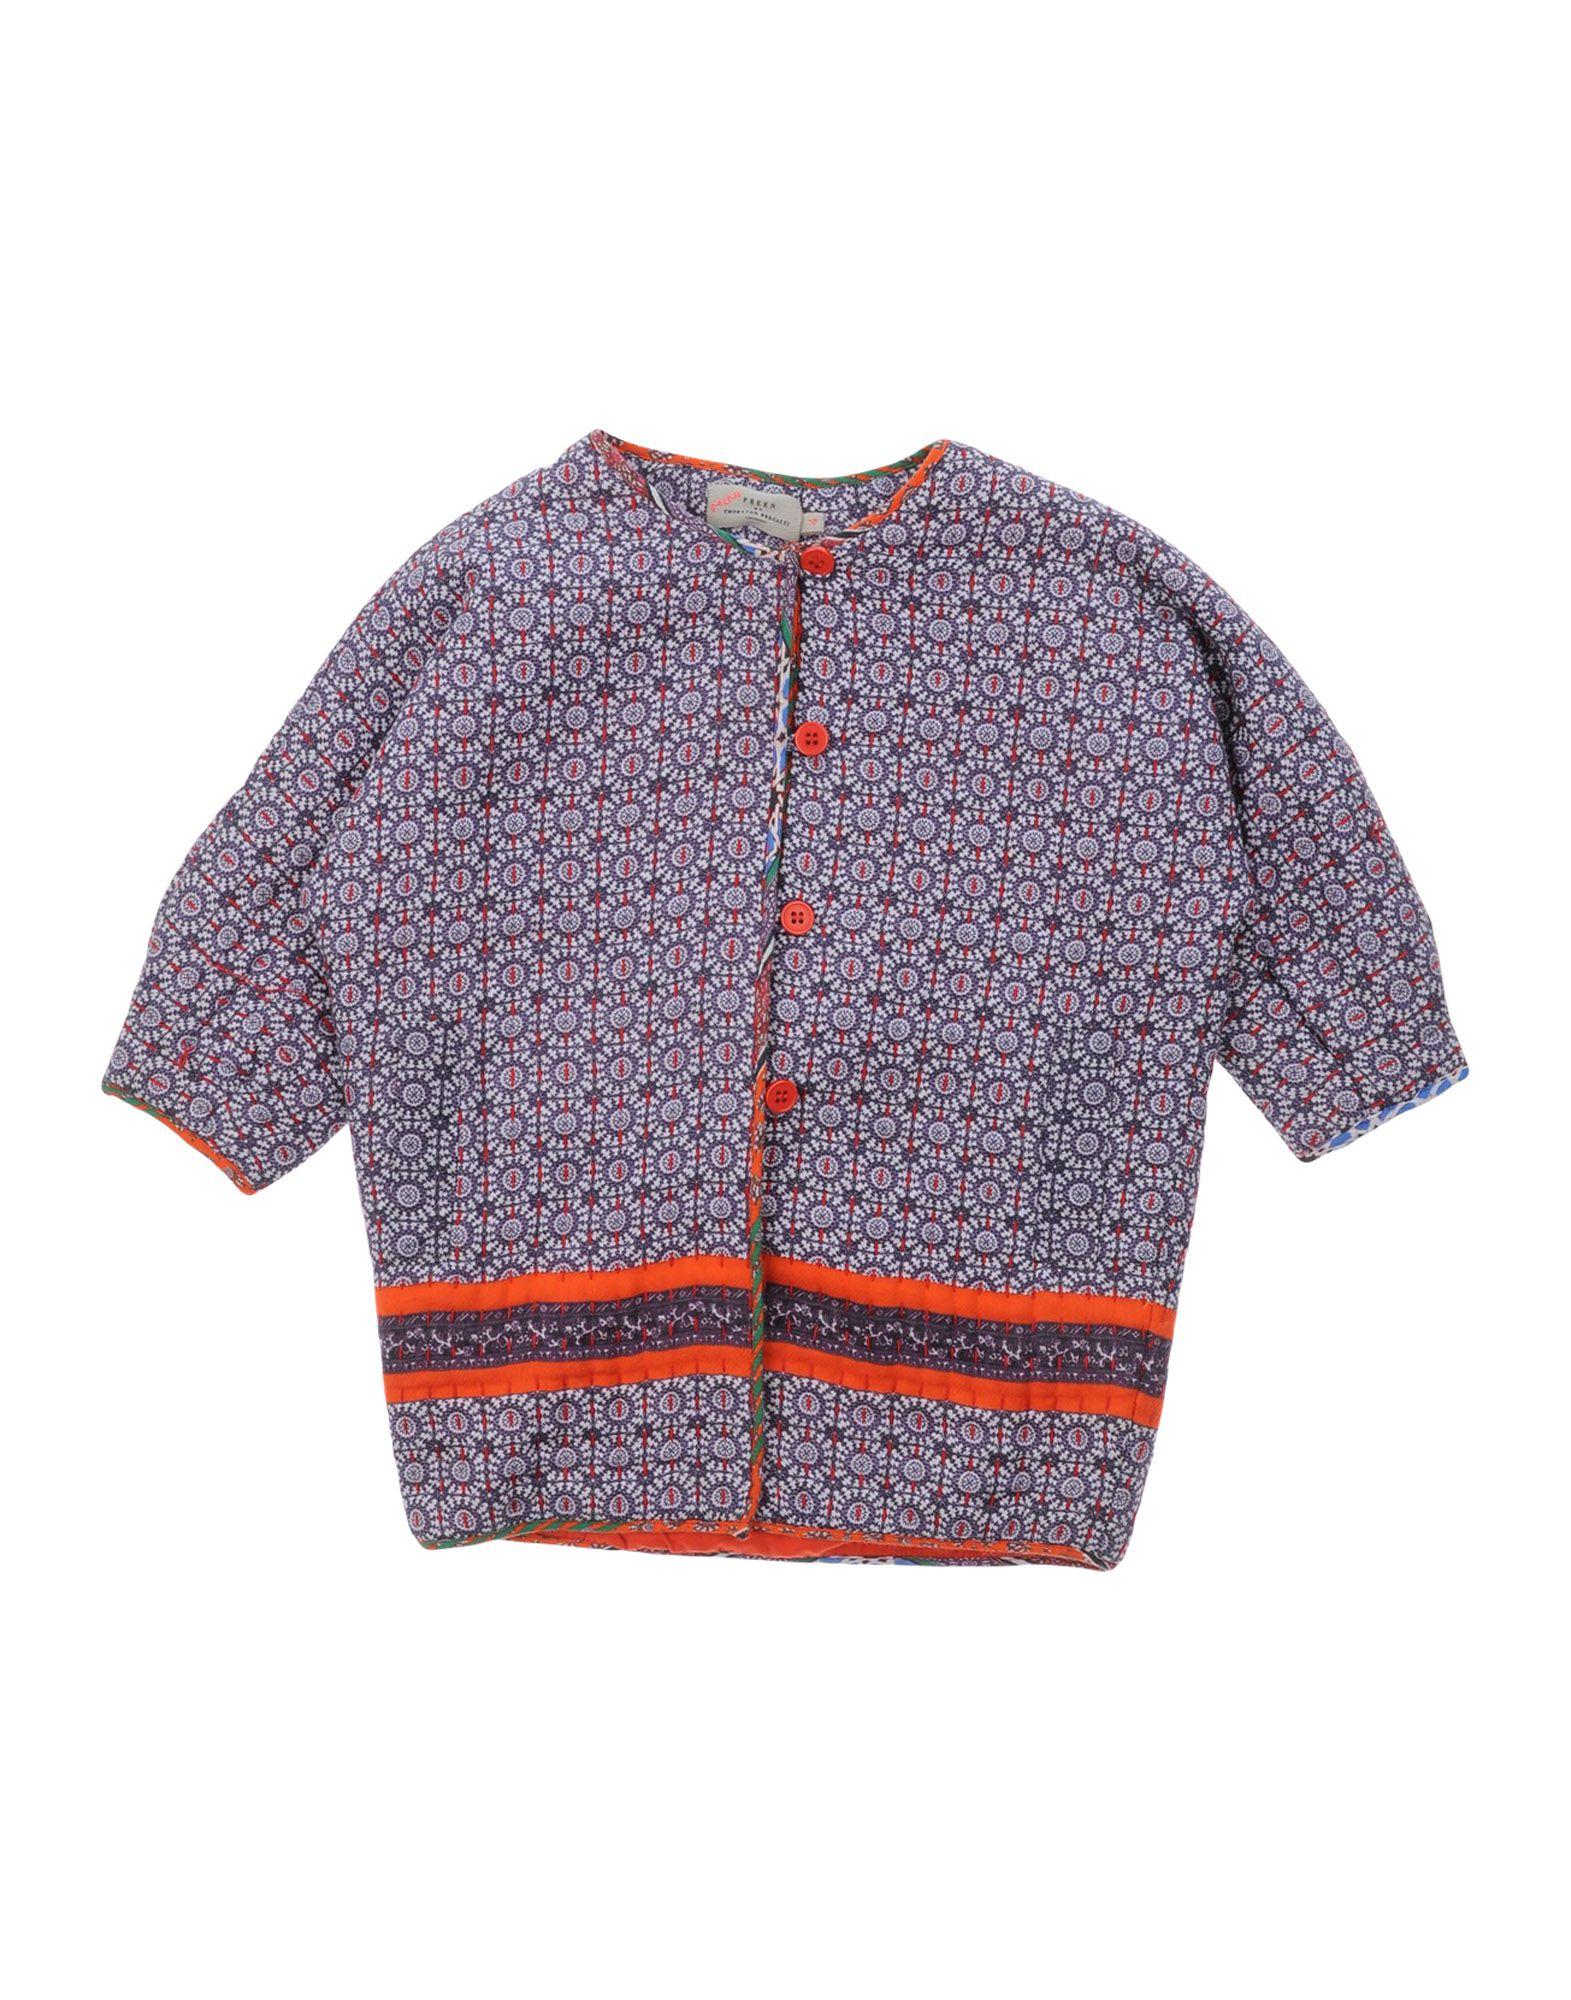 PREEN by THORNTON BREGAZZI Mädchen 3-8 jahre Jacke Farbe Violett Größe 2